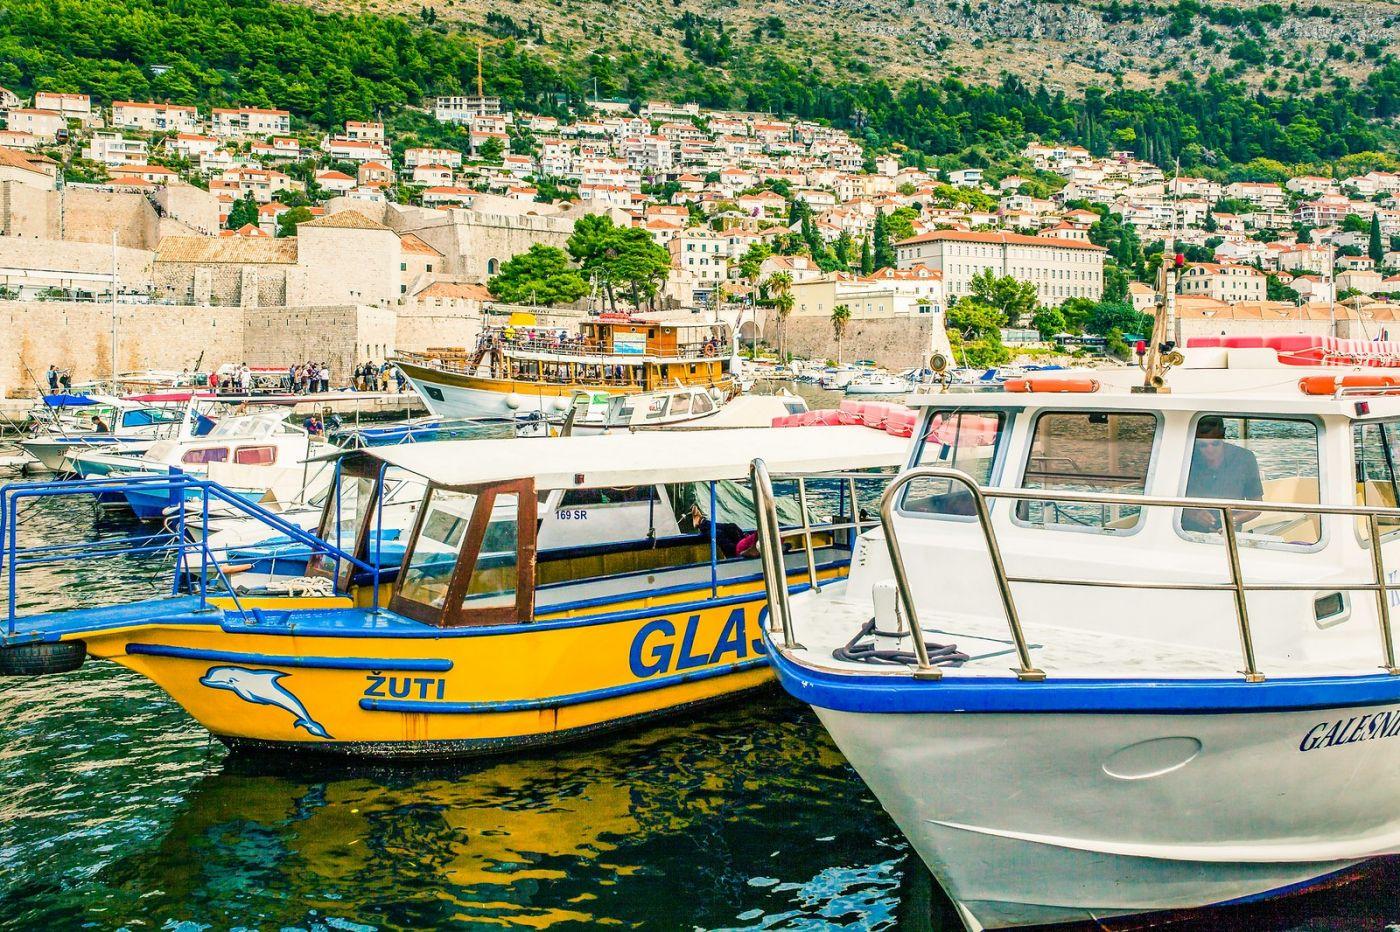 克罗地亚杜布罗夫尼克(Dubrovnik),古城小巷_图1-16